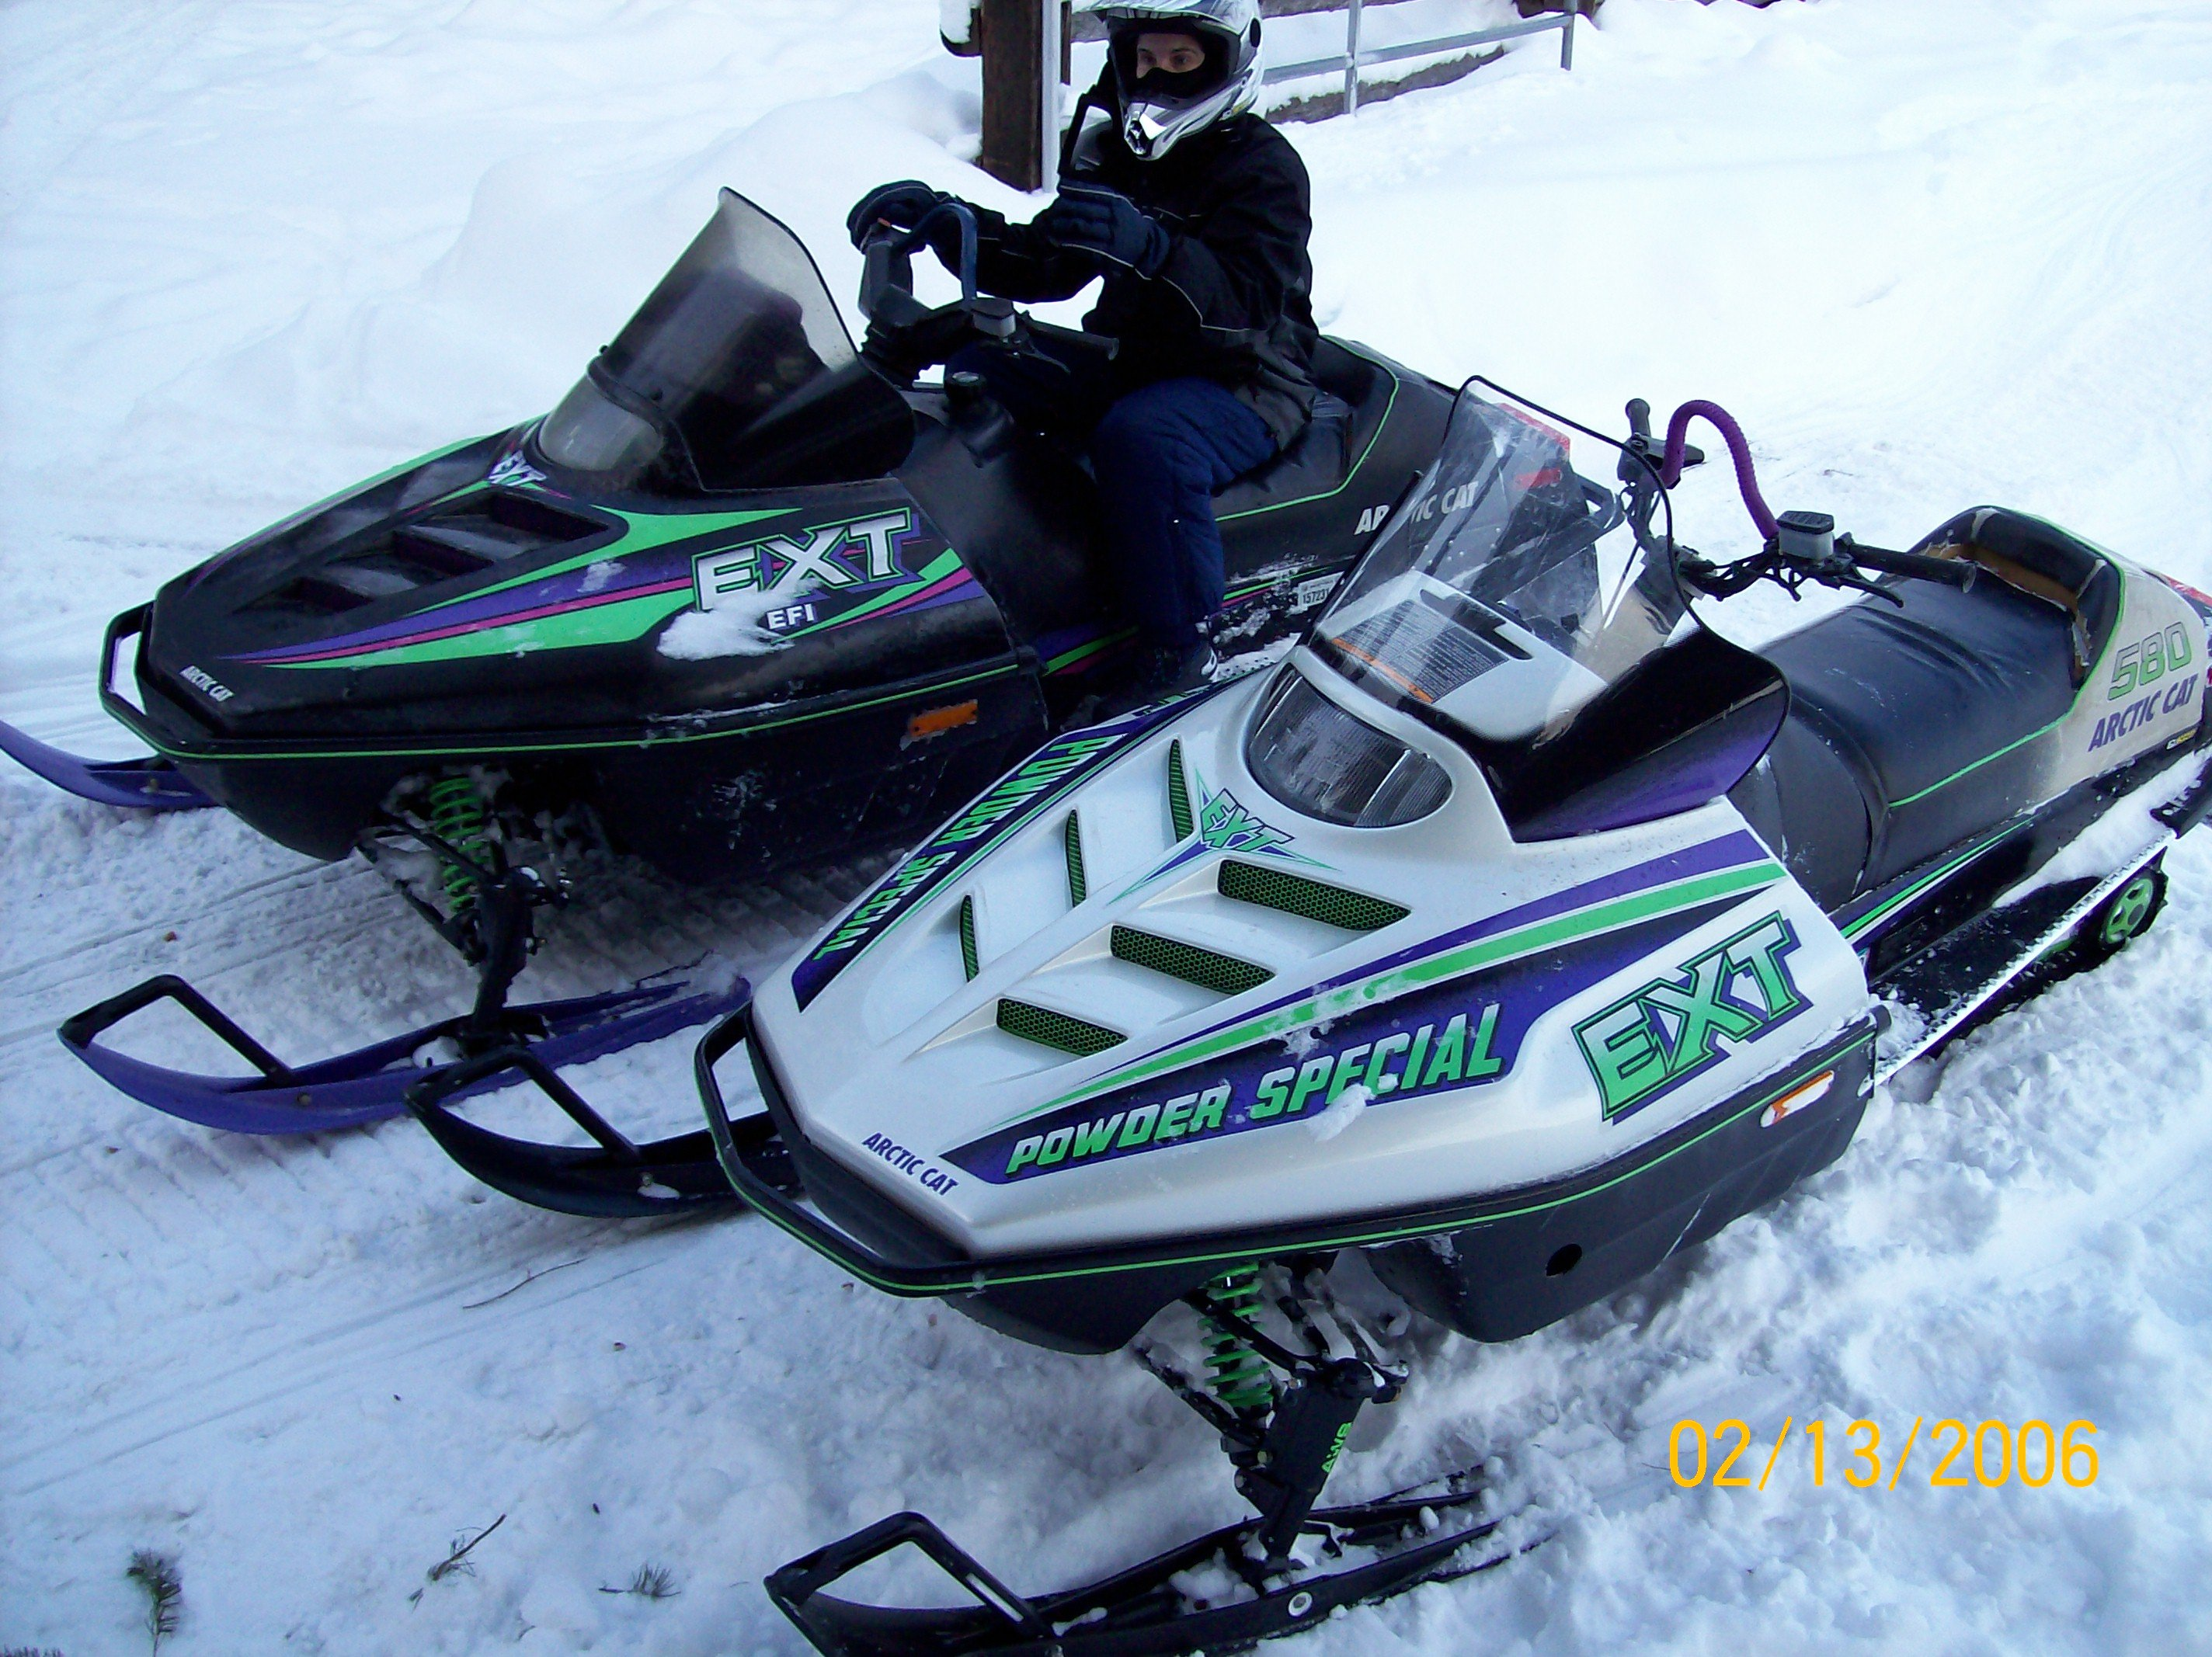 Arctic Cat Snowmobile For Sale >> zr 700 motor questions? - ArcticChat.com - Arctic Cat Forum